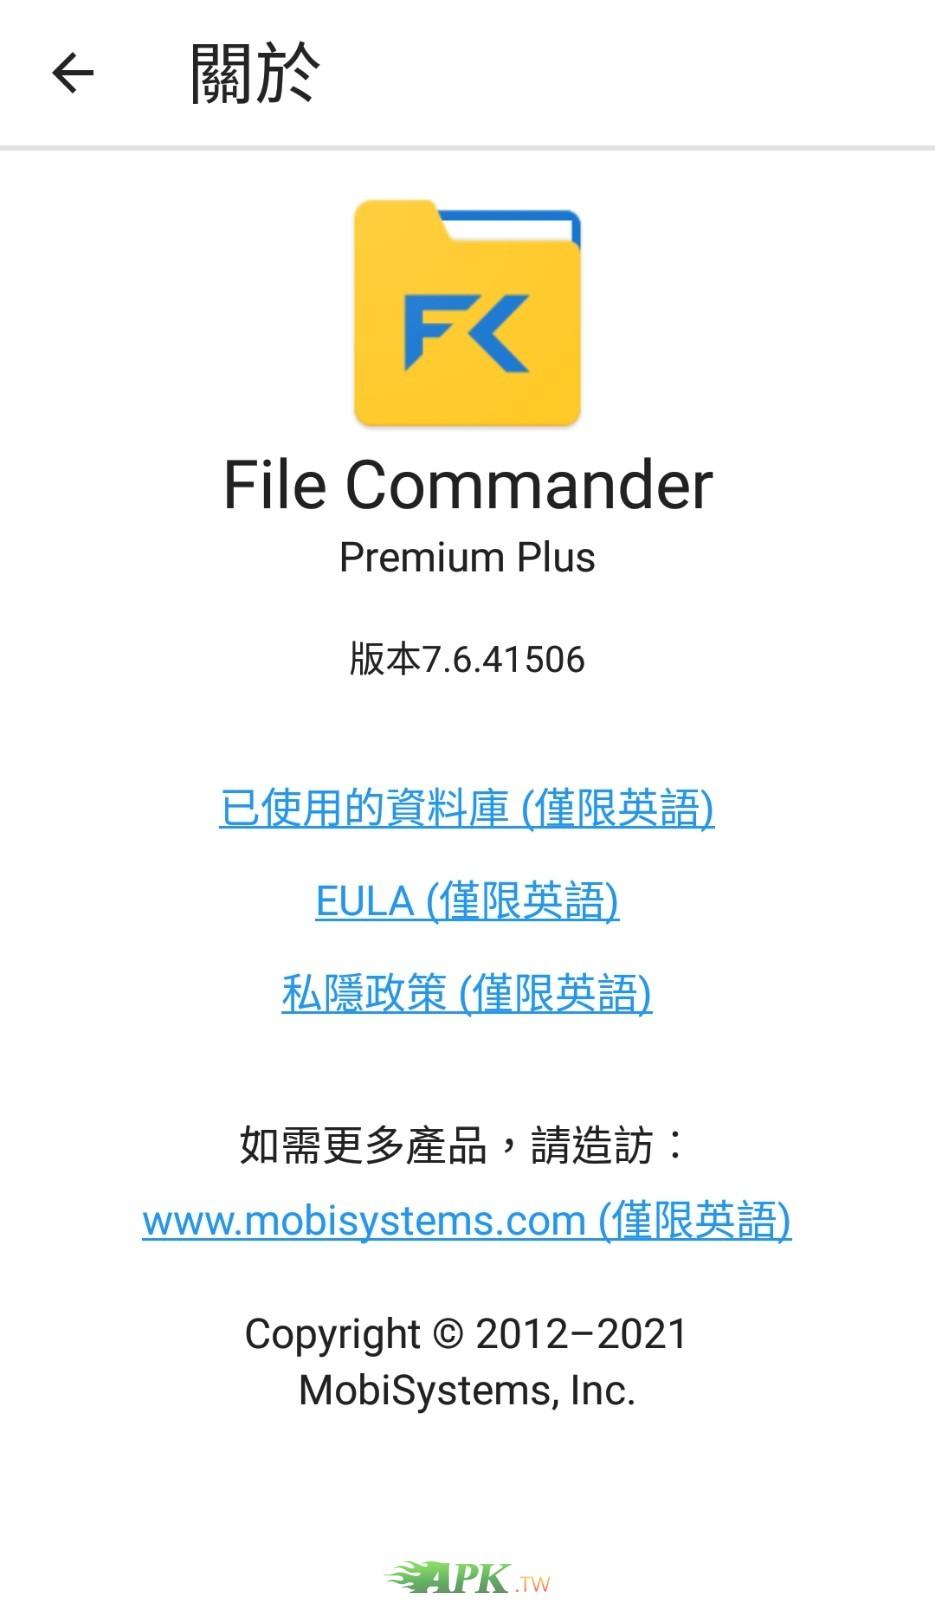 FileCommander__3_.jpg